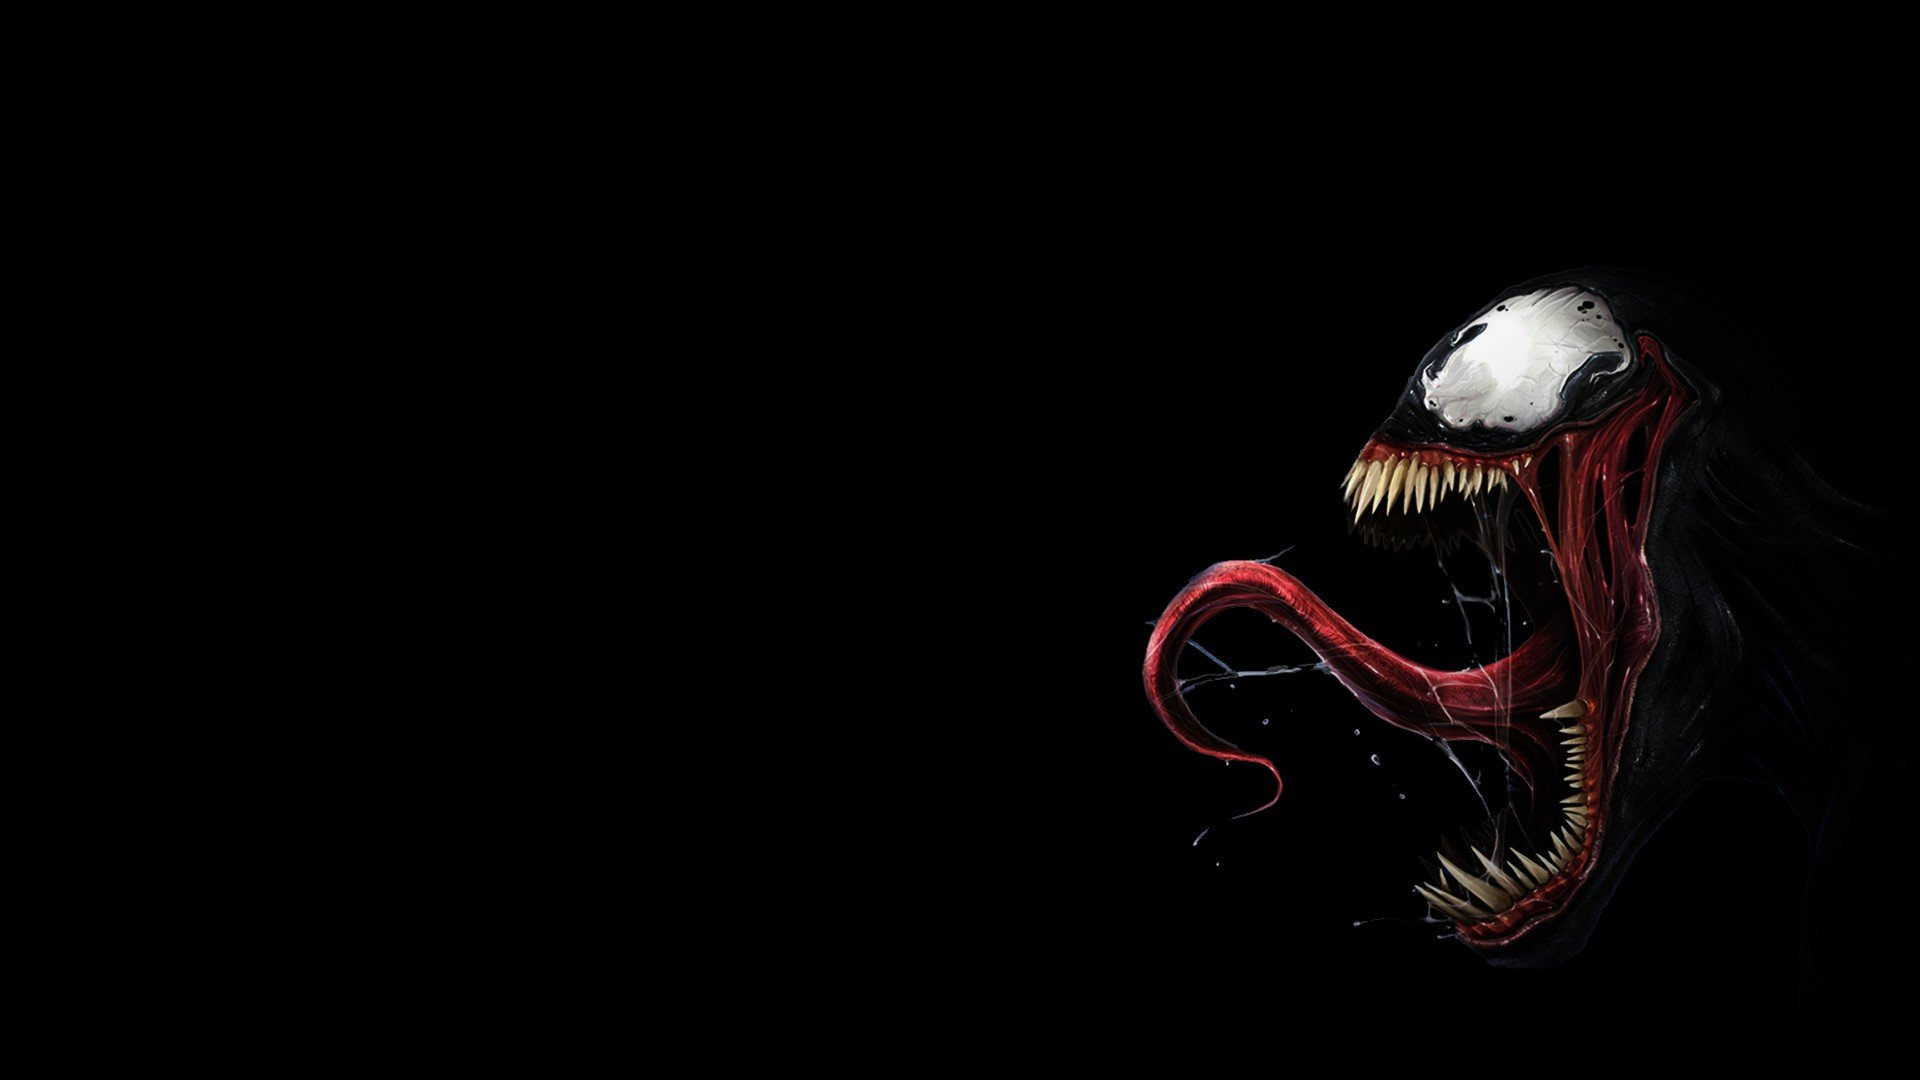 DC Comics Venom Spider Man tongue teeth Villain wallpaper 1920x1080 1920x1080